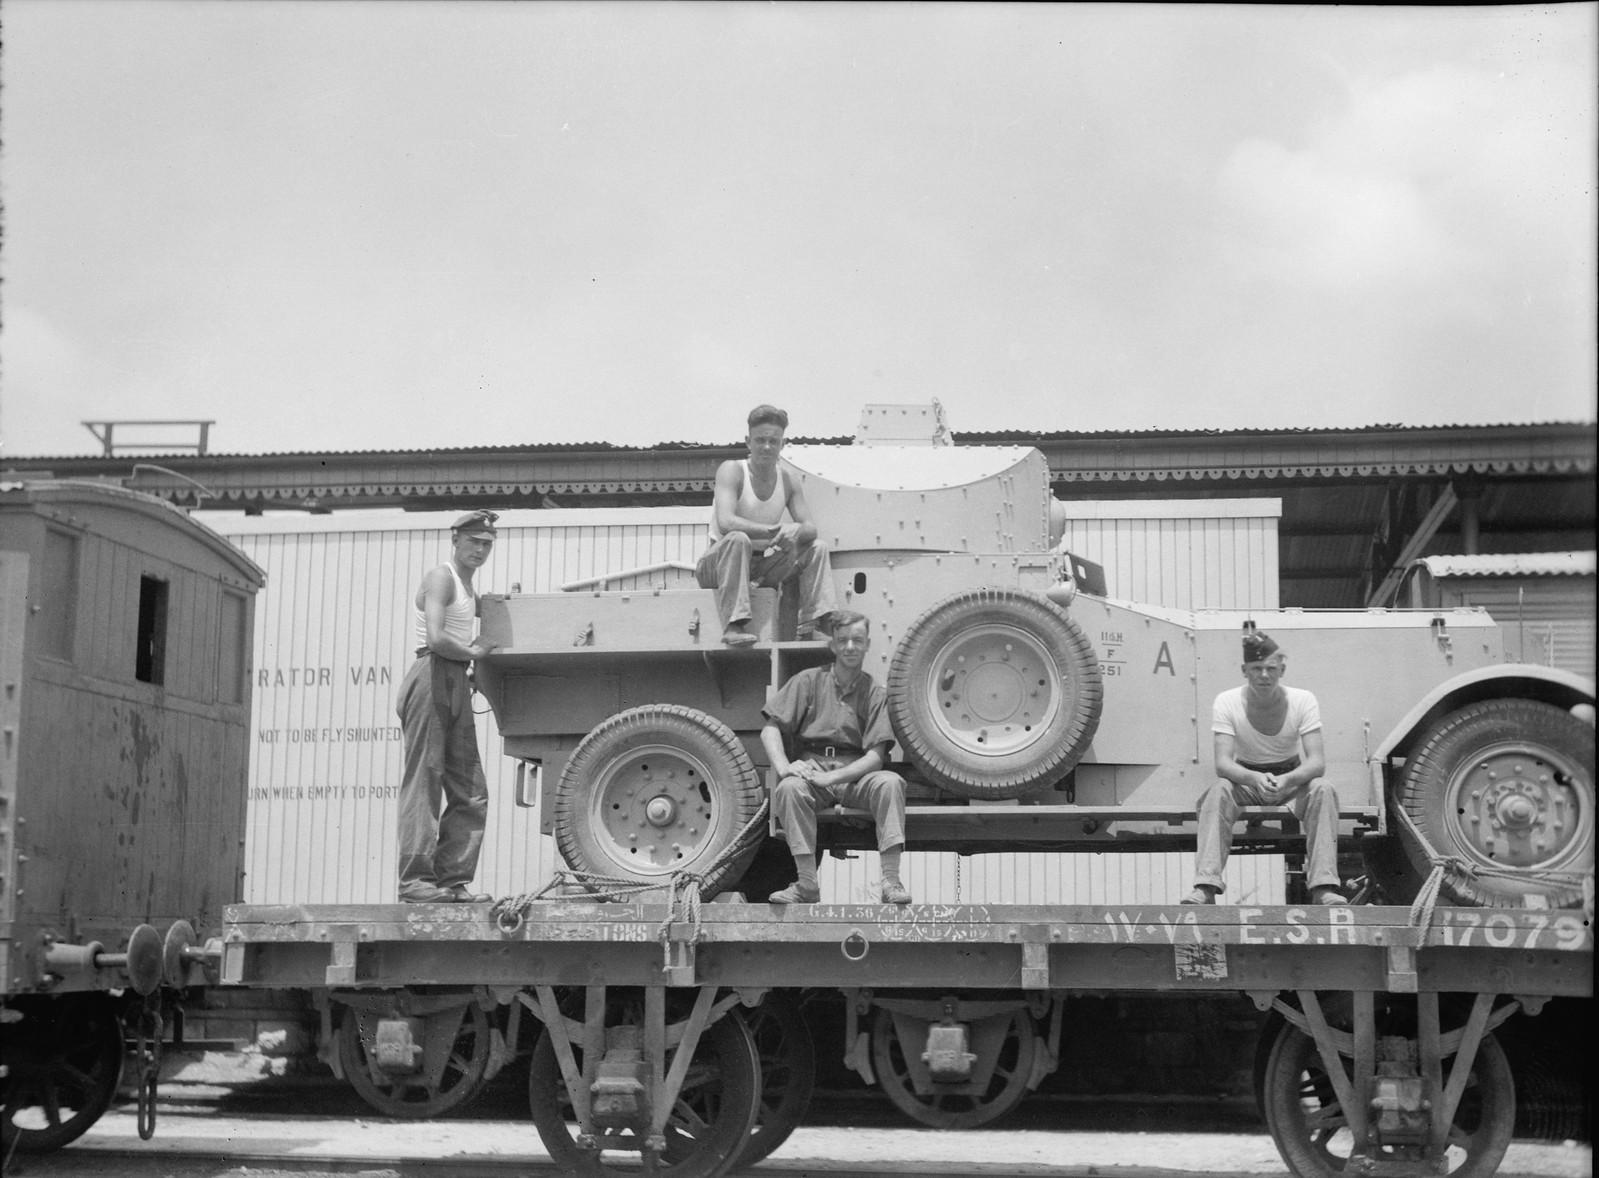 Броневики доставляются в Палестину по железной дороге